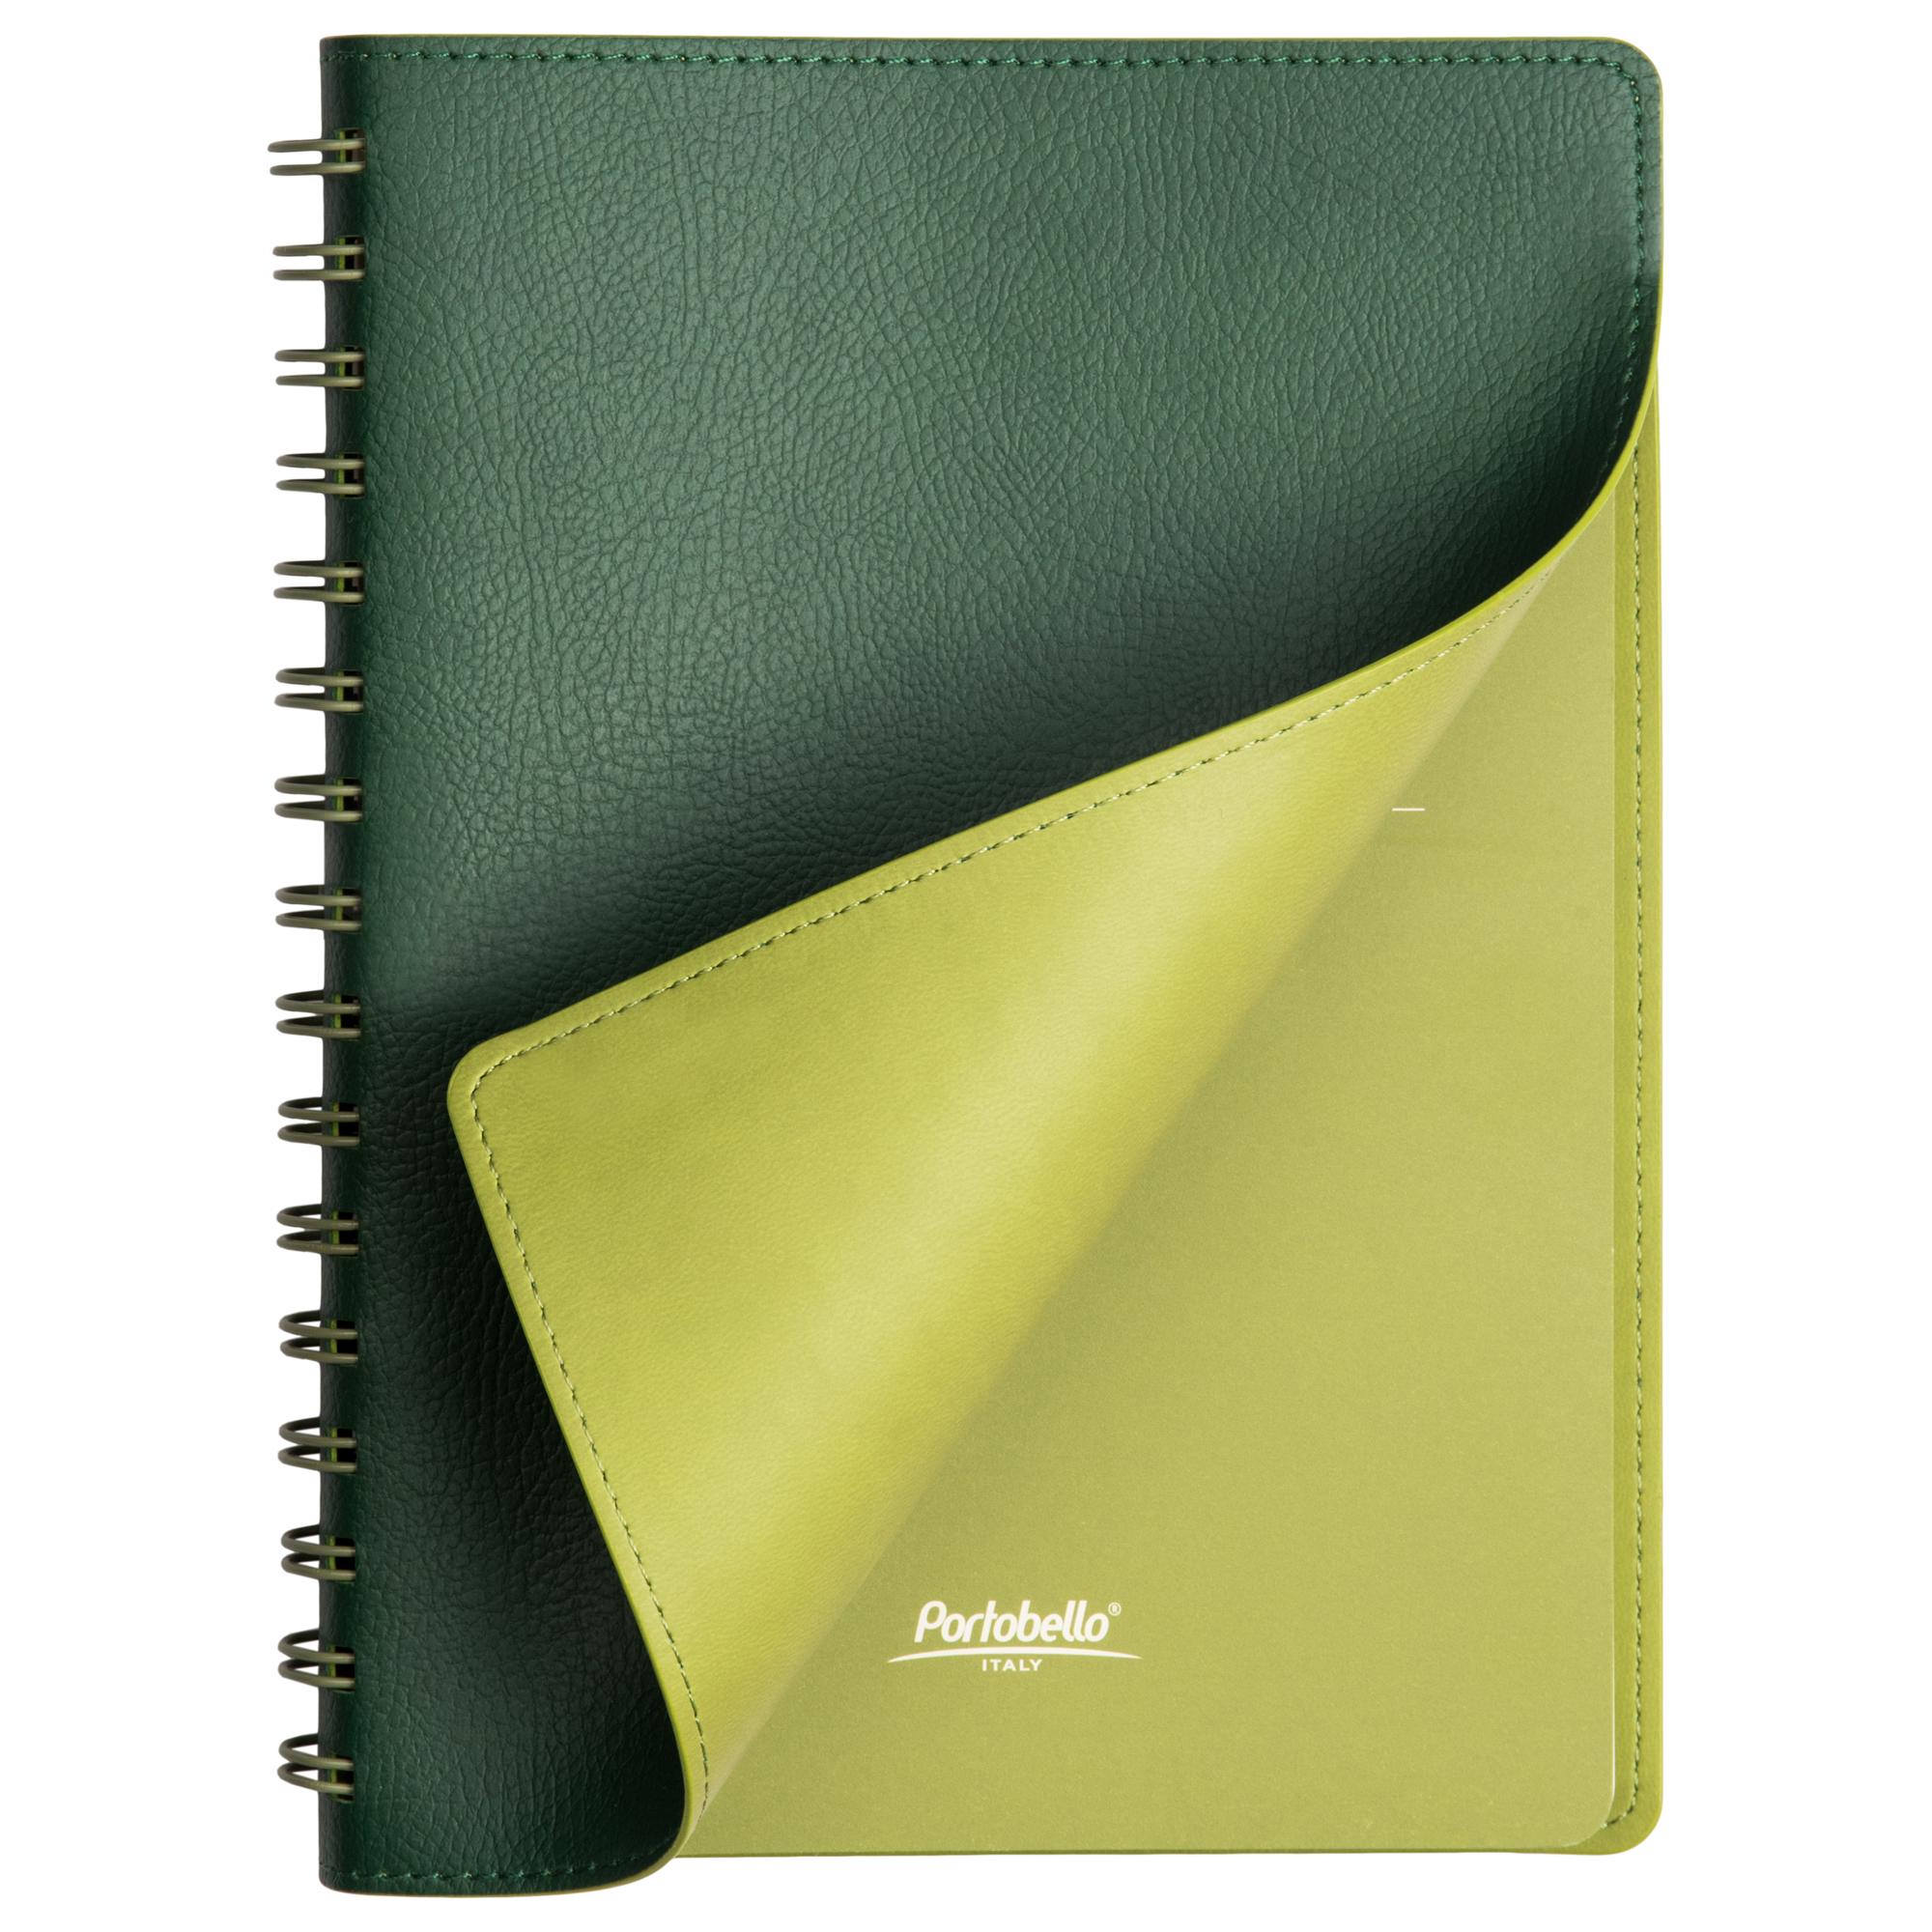 Ежедневник Portobello Trend, Vista, недатированный, зеленый/салатовый